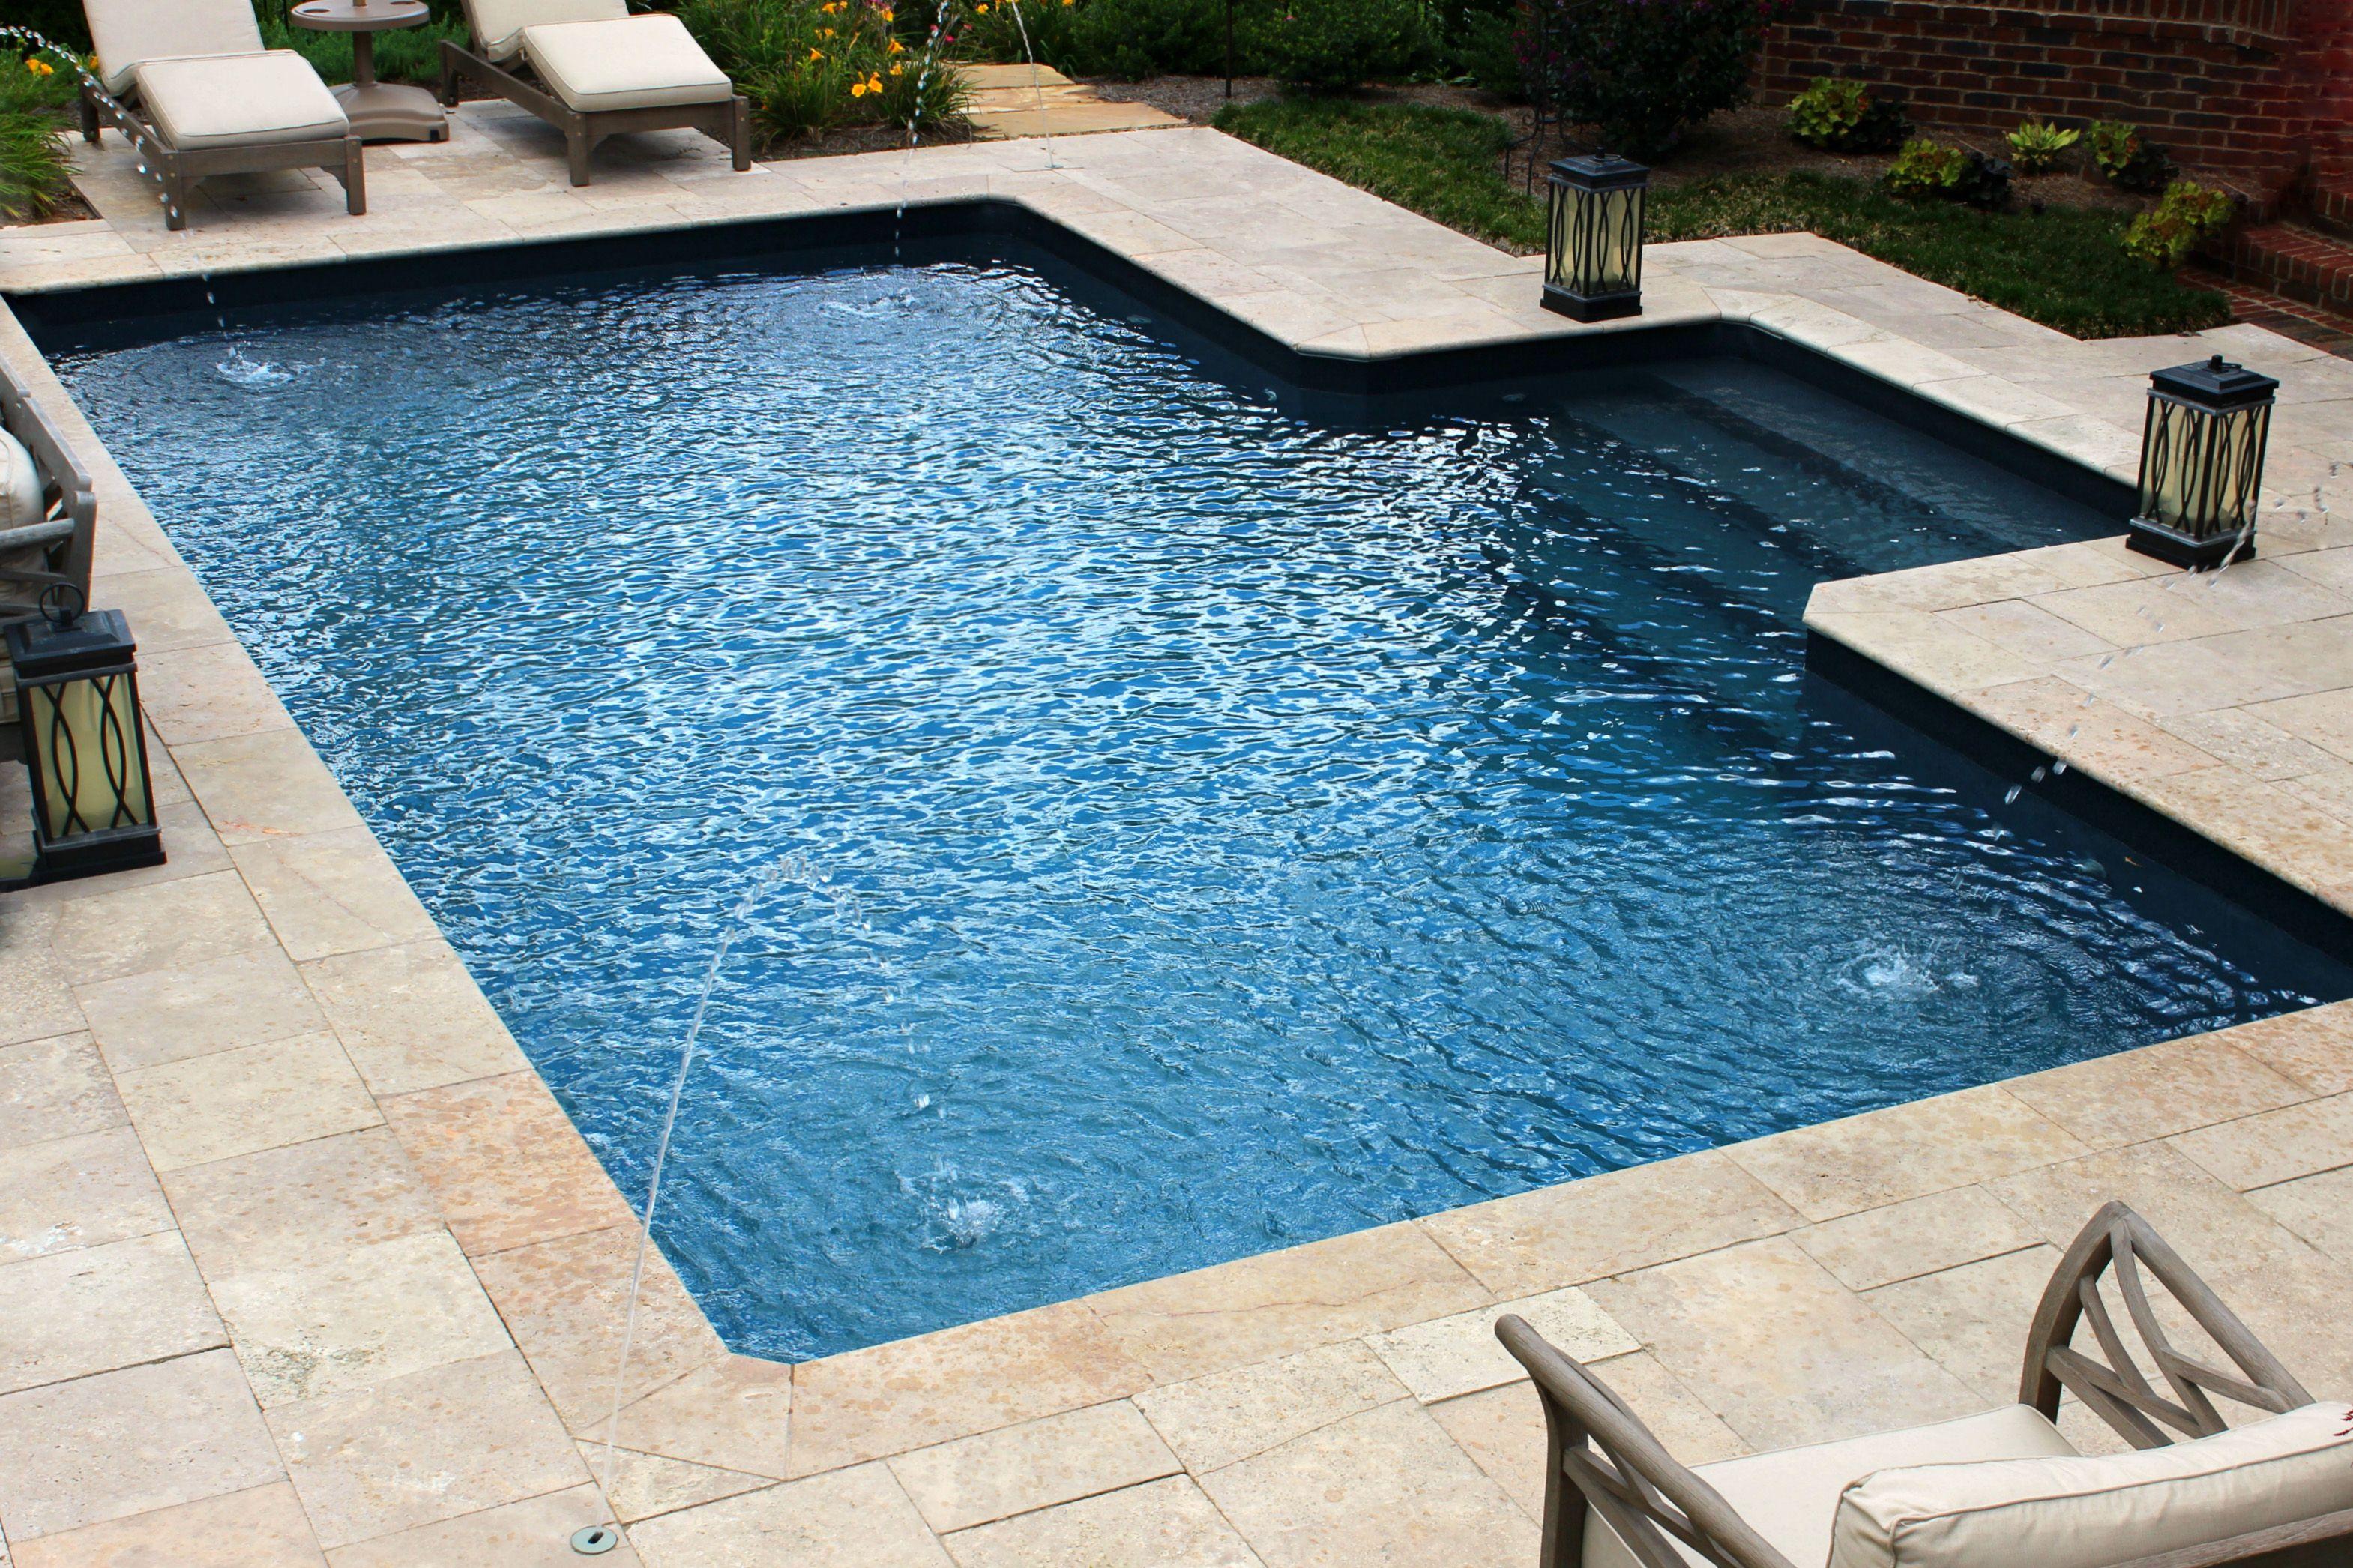 Deep blue vinyl liner pool simple design stair entry